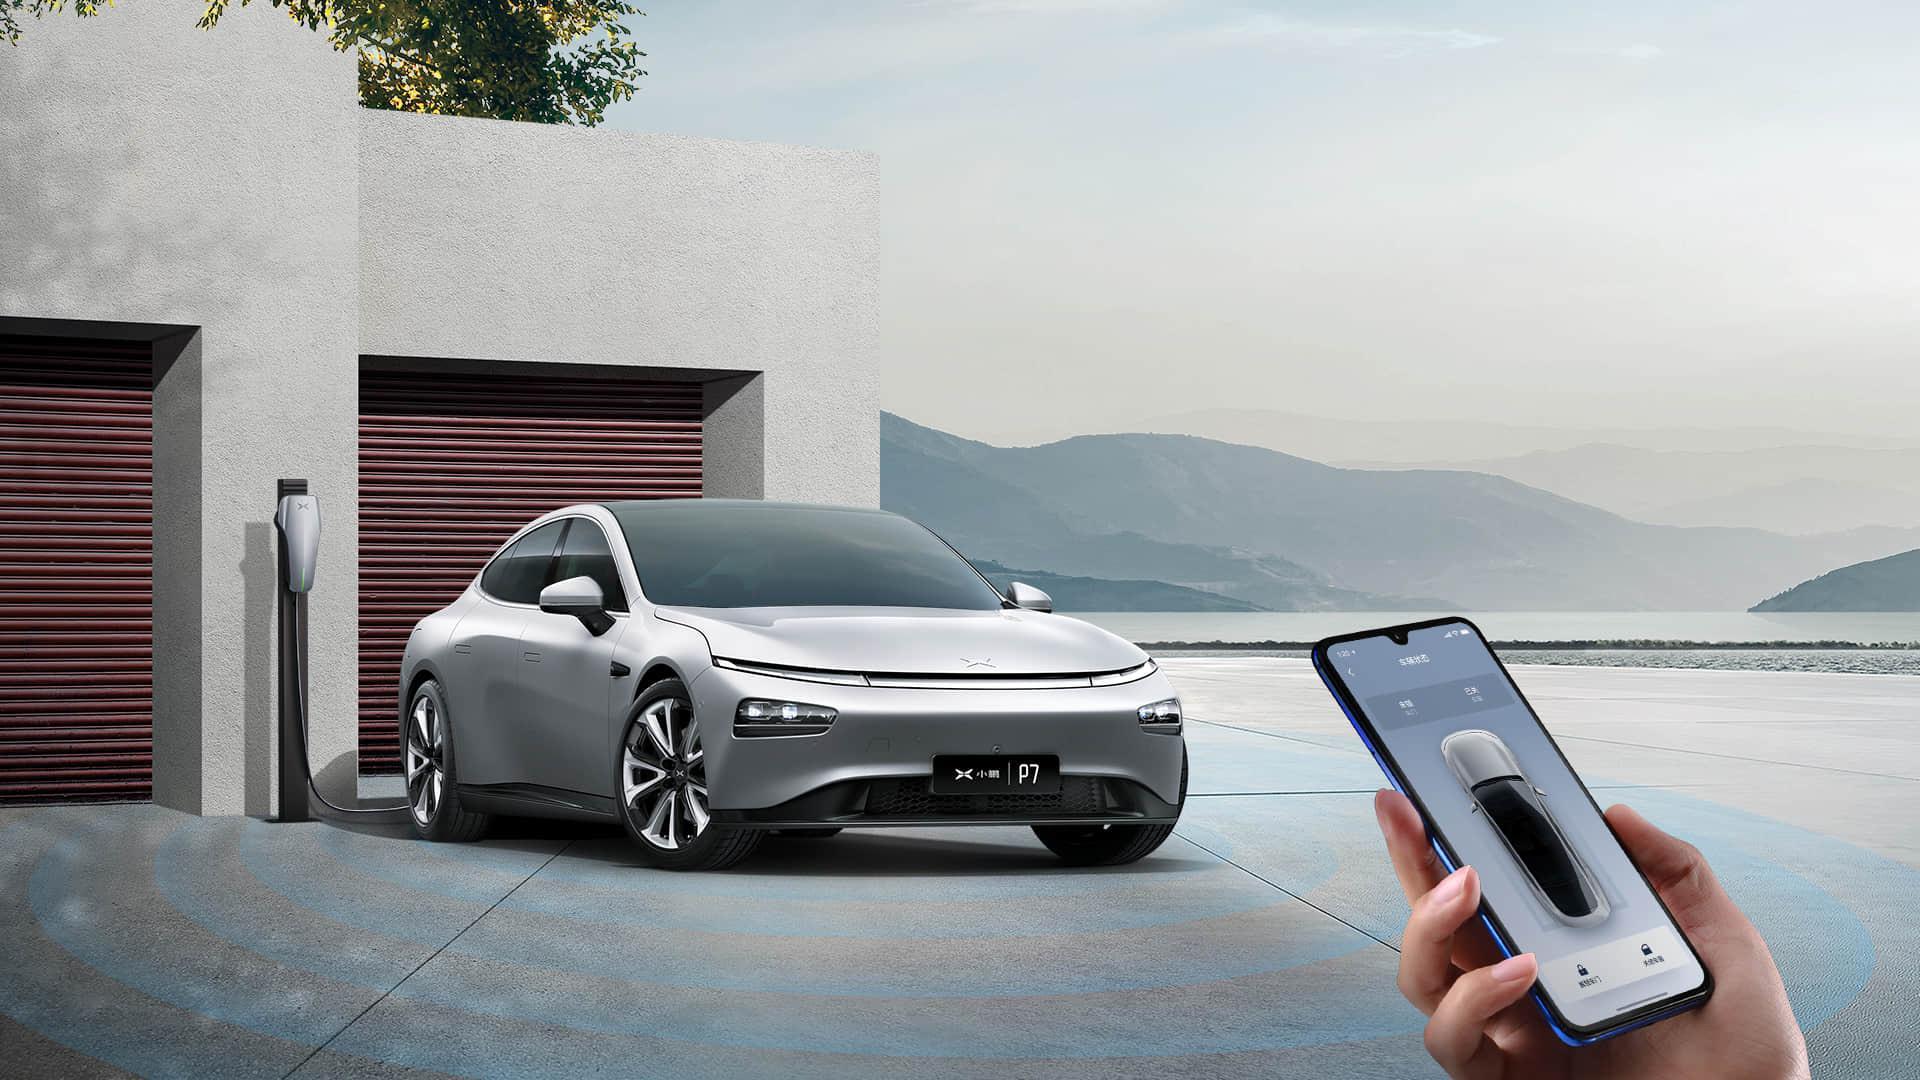 大家都知道电动车高速耗电,为什么不装变速箱呢?厂家怎么看?